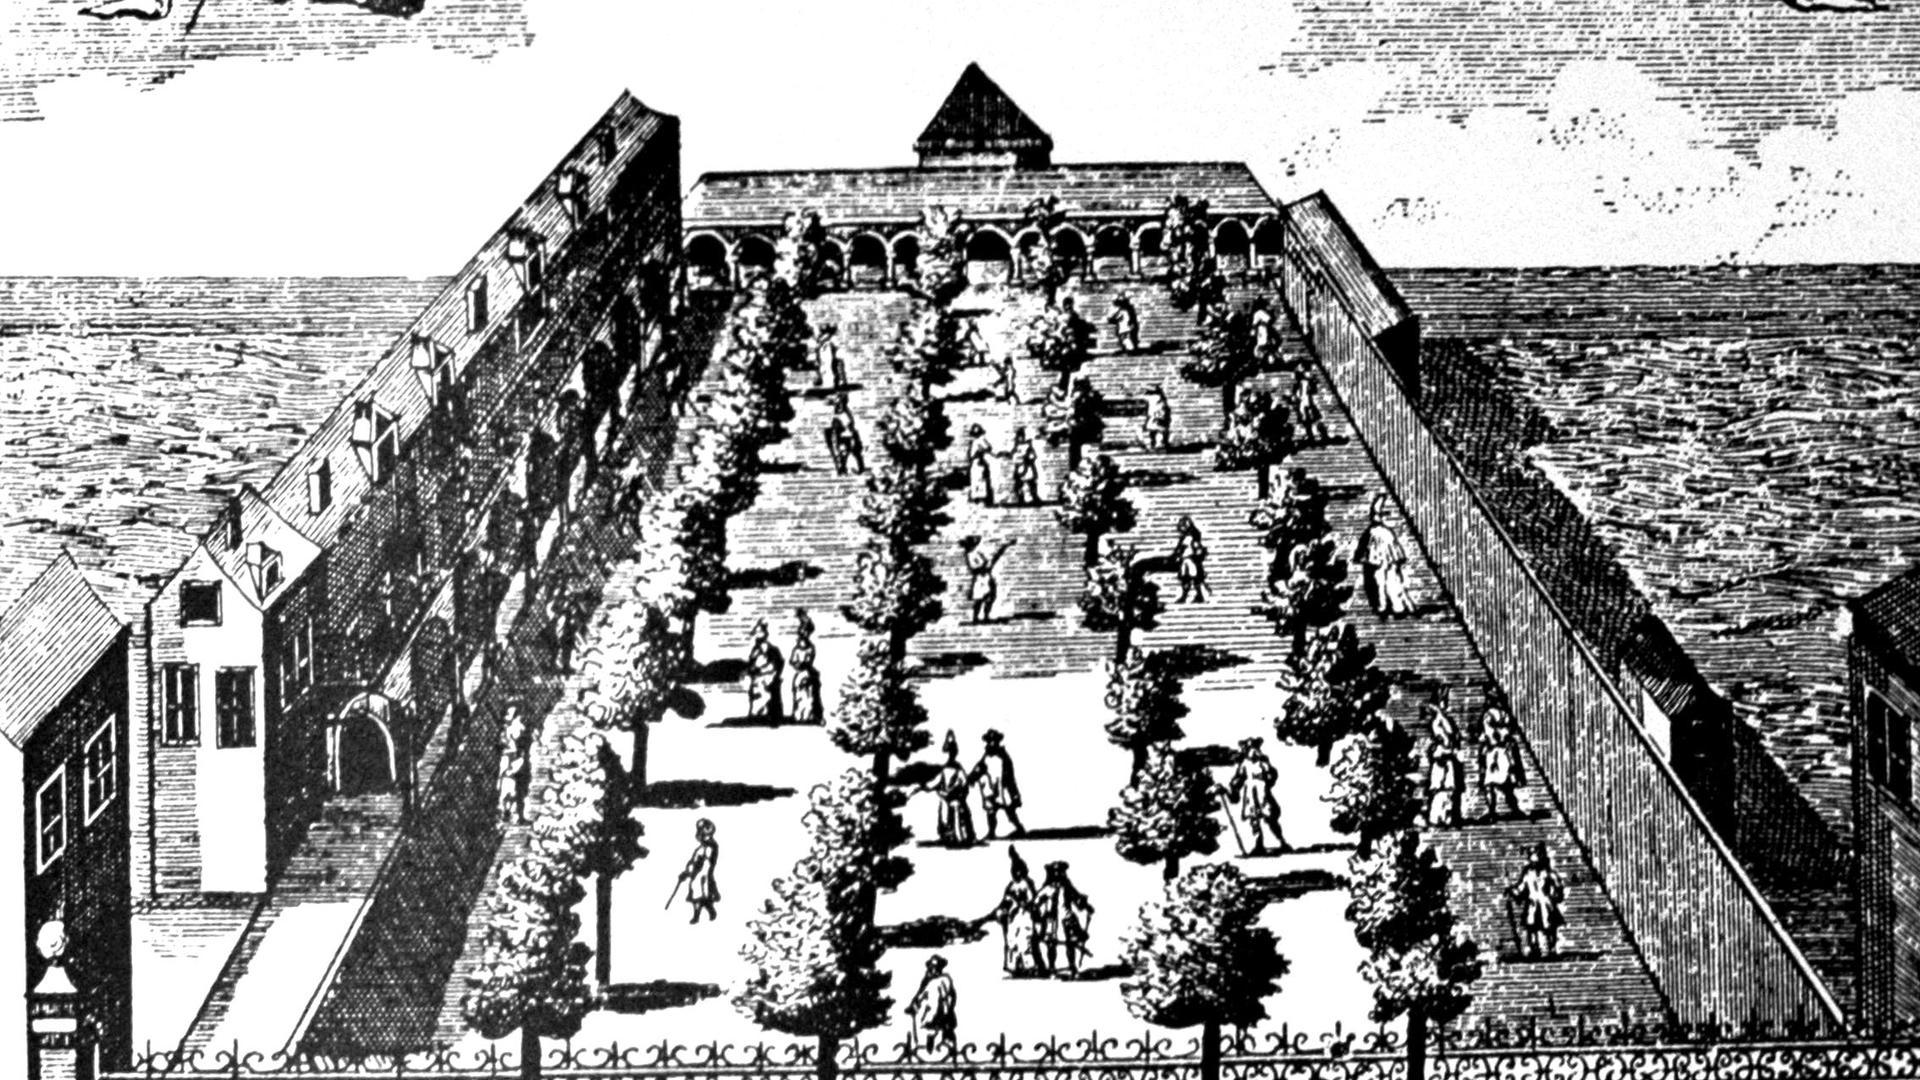 Spaziergang im Jahr 1737. Aus: Karl Ludwig von Pöllnitz, Amüsements des eaux d' Aix-la-chapelle oder Zeitvertreib bey den Wassern zu Aachen, Berlin 1737.